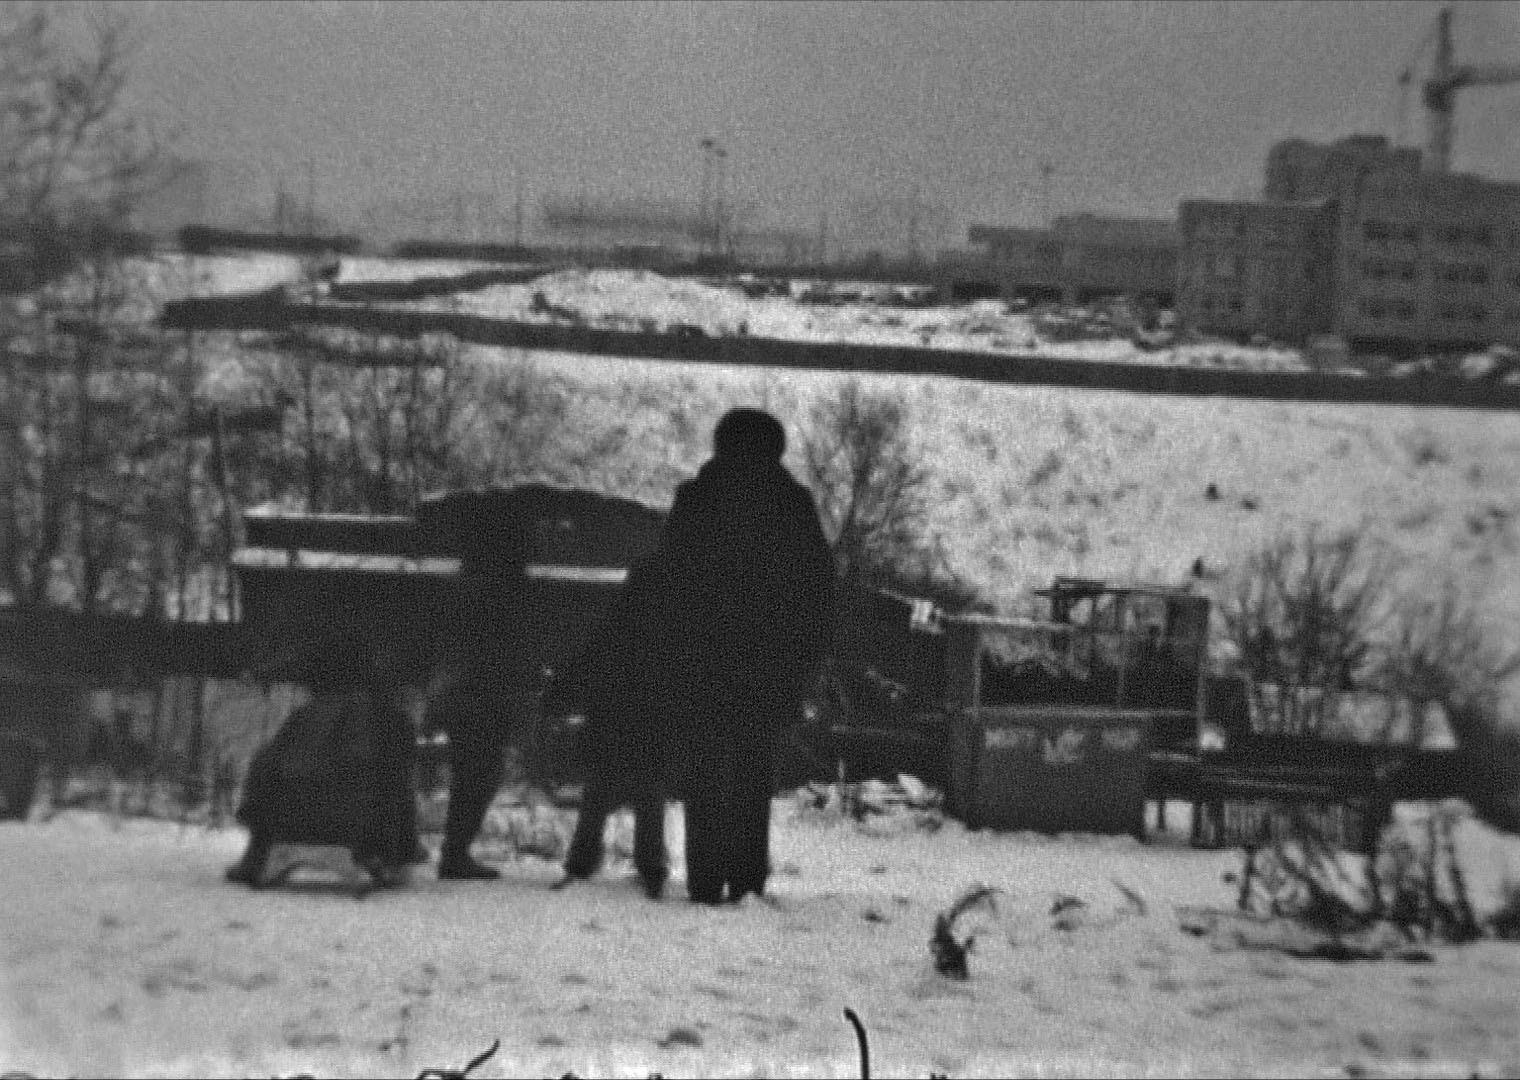 1979-81 Очаковский овраг. Пётр Рудов